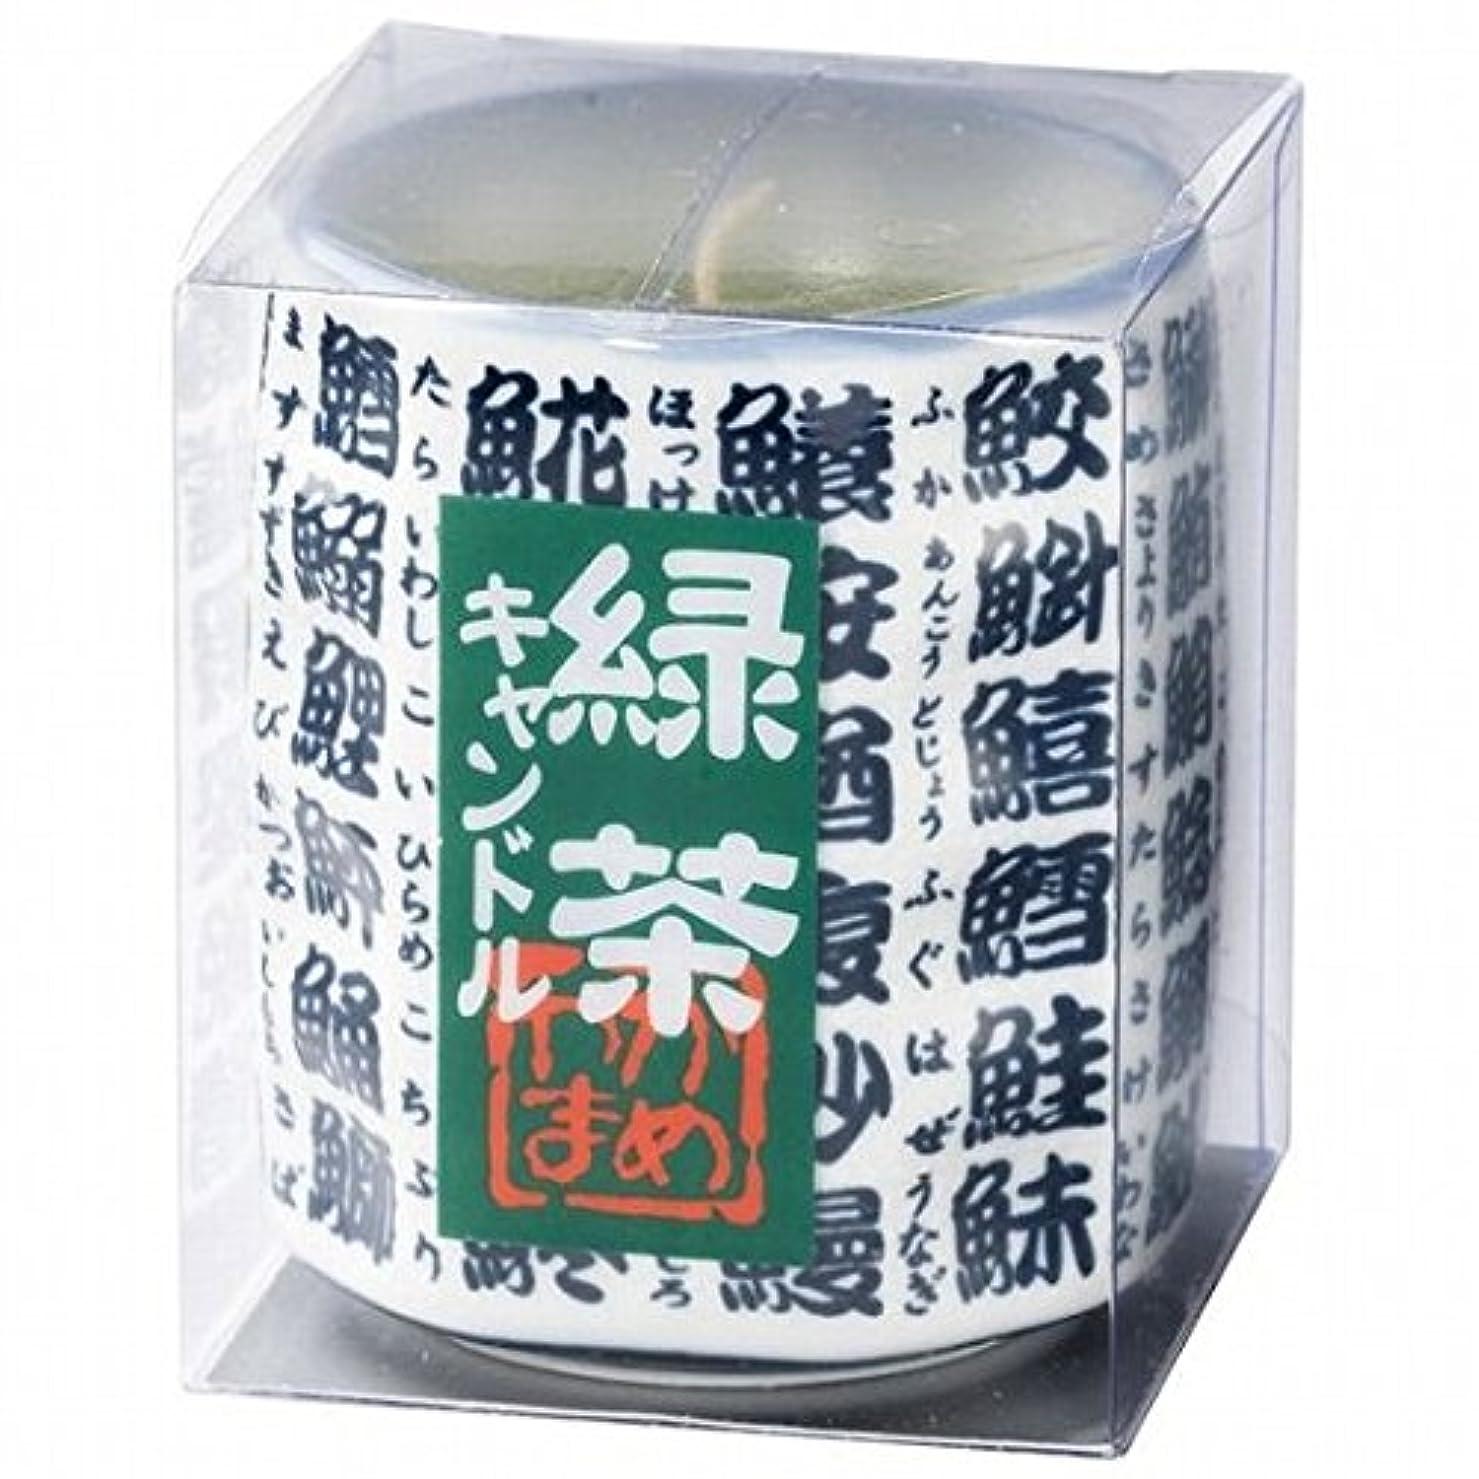 出発するええごみkameyama candle(カメヤマキャンドル) 緑茶キャンドル(86070000)